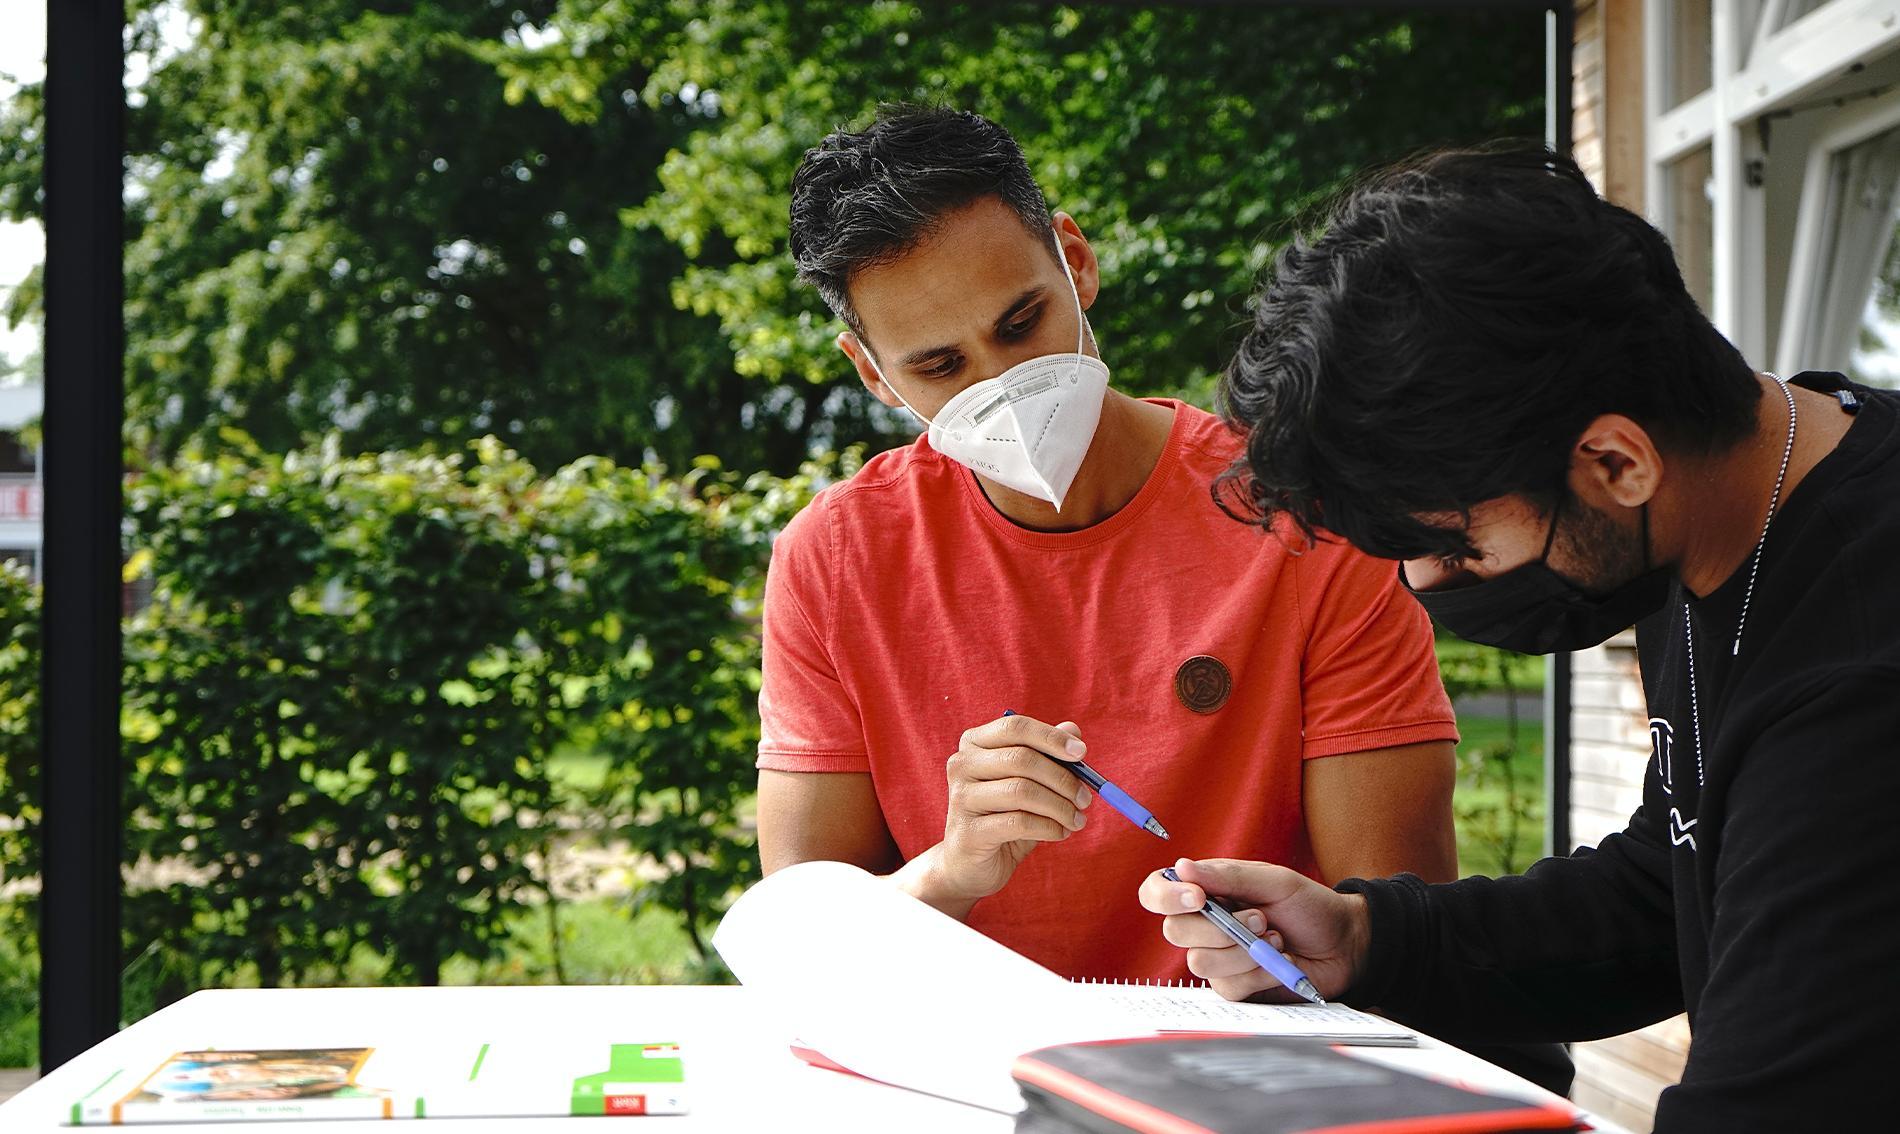 Individuelle Förderung: Andreas Lichtenstein (li.), Projektleiter Sommerschule, und die übrigen Essener-Chancen-Pädagogen helfen den Jugendlichen beim Sprung in die nächste Stufe. (Foto: Müller/EC)